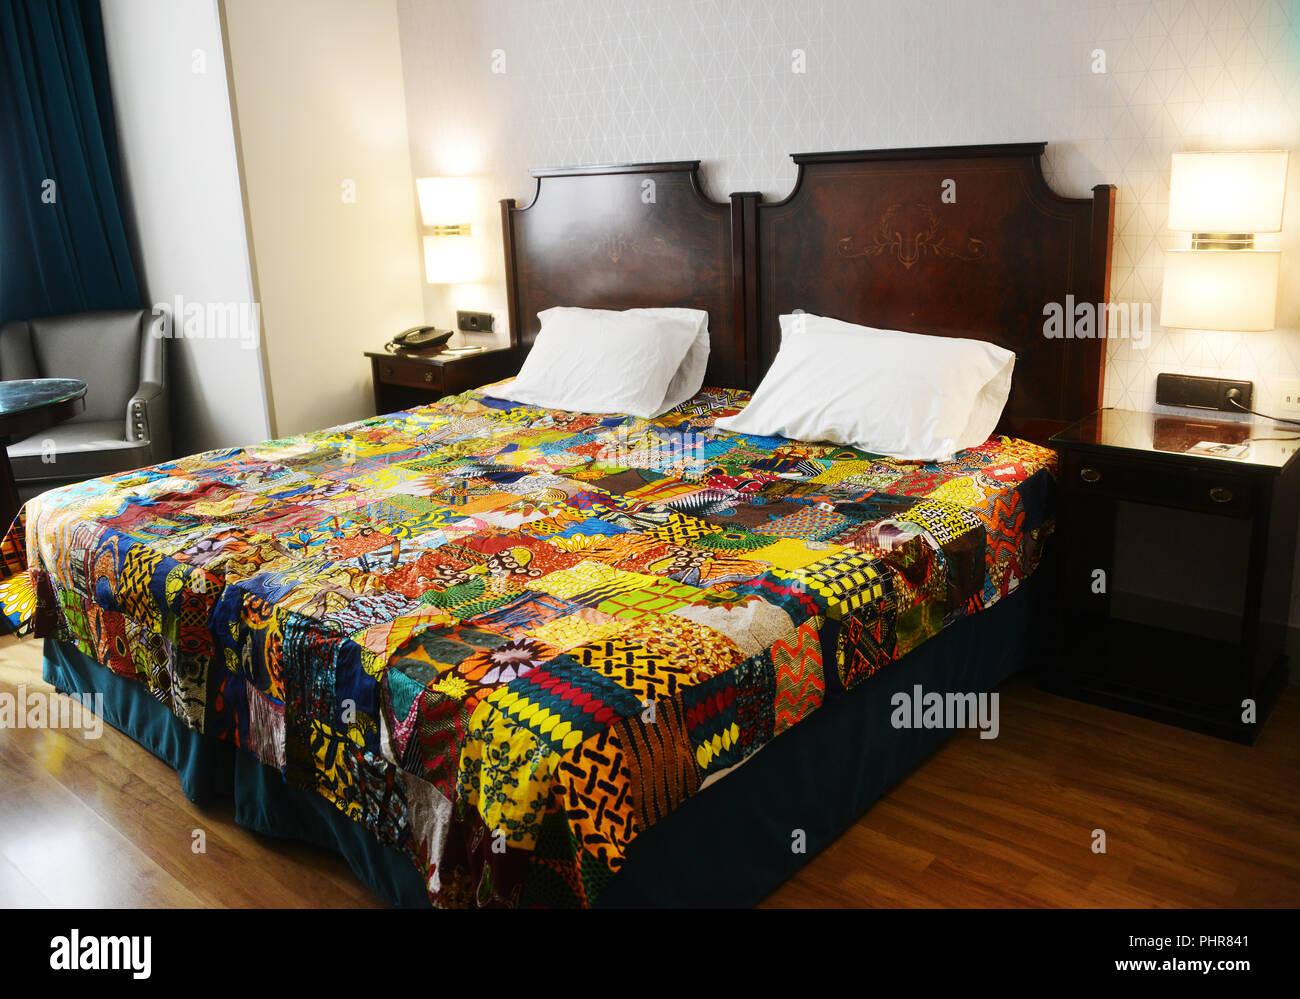 Camere Da Letto Stile Hippy : Camera da letto hippie immagini camera da letto hippie fotos